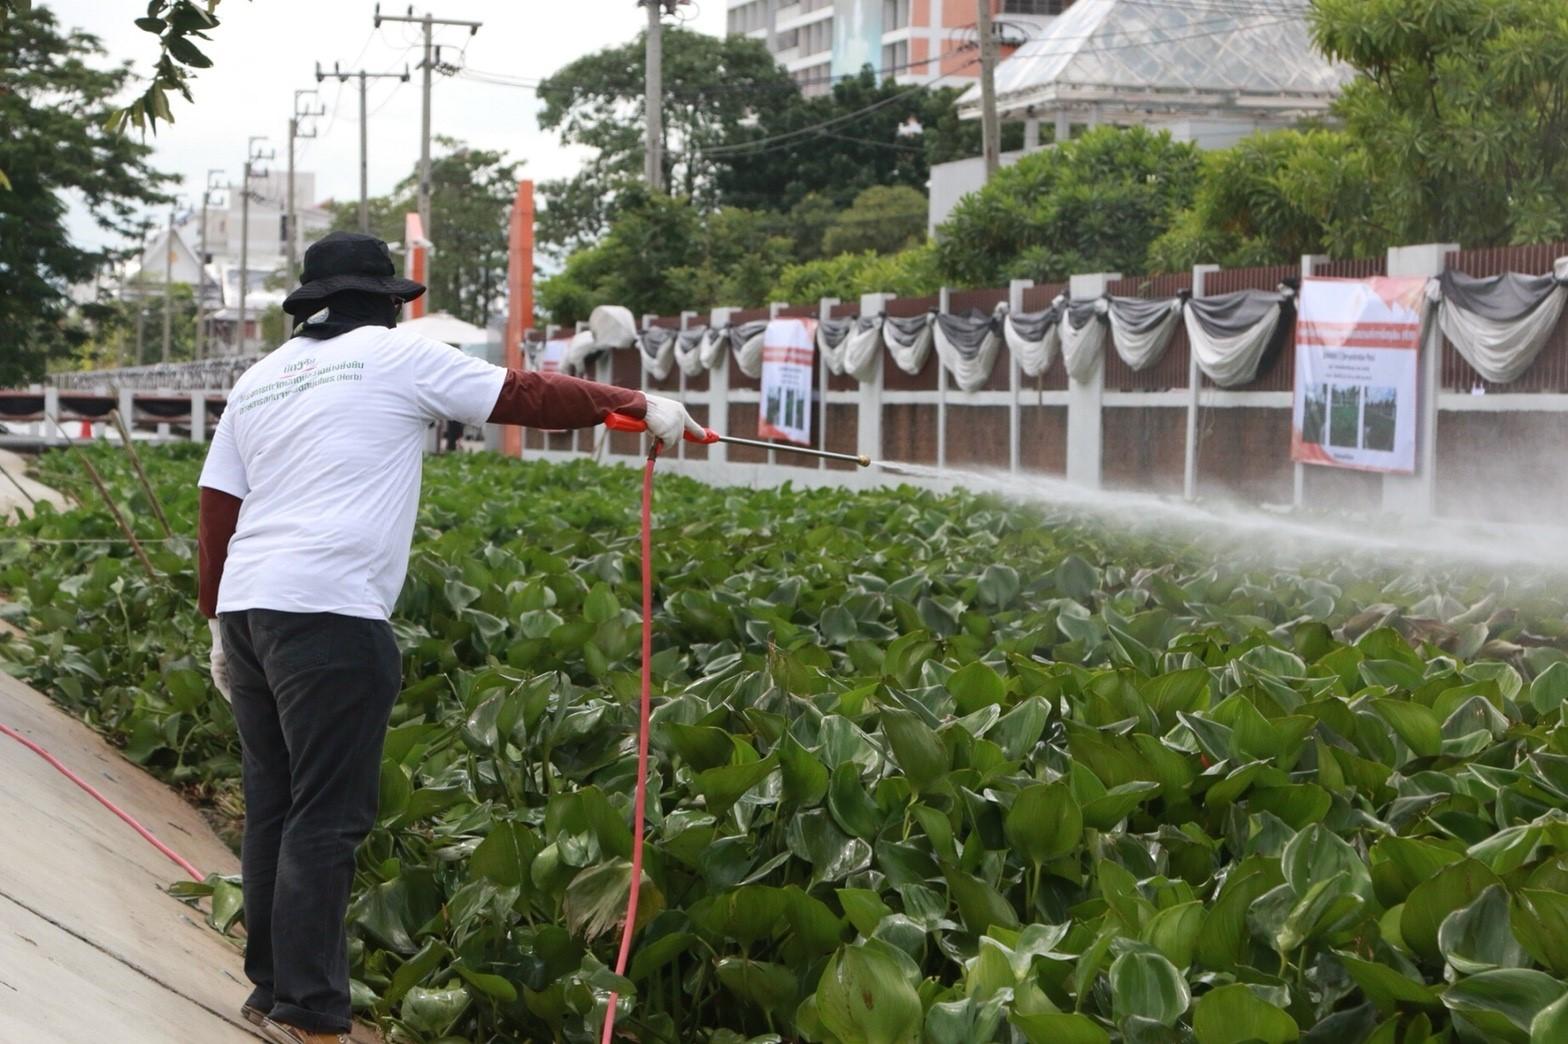 สจล. โชว์วิธีกำจัดผักตบชวาด้วยสมุนไพร